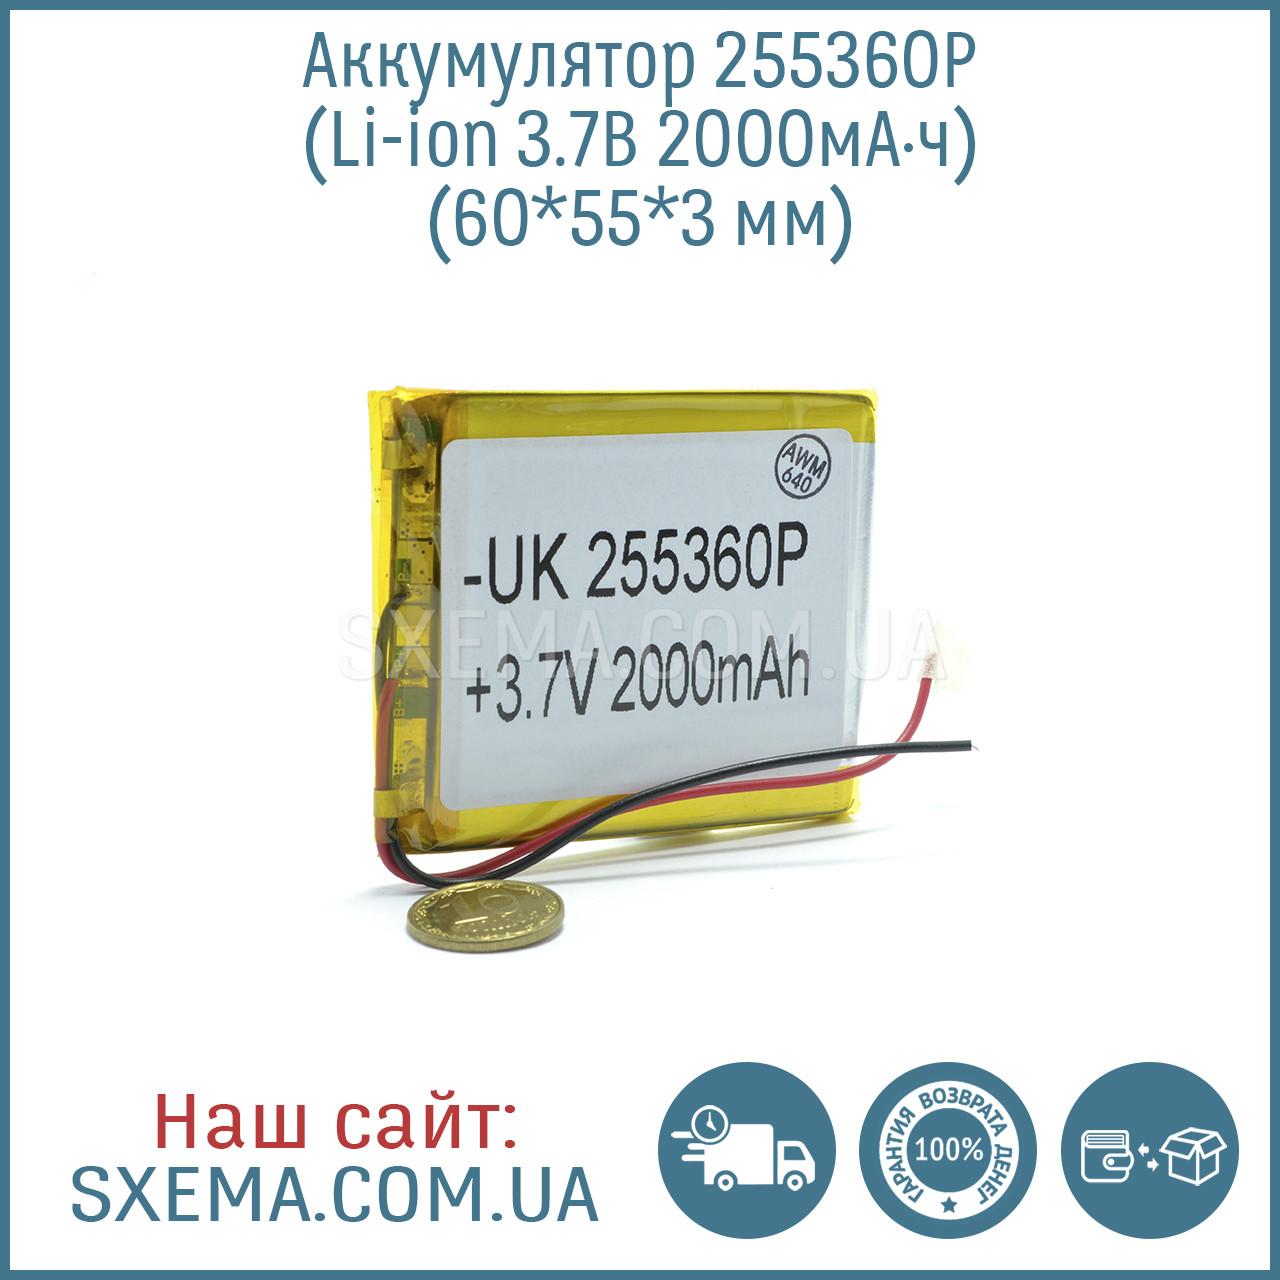 Аккумулятор универсальный 255360 (Li-ion 3.7В 2000мА·ч), (60*55*3 мм)